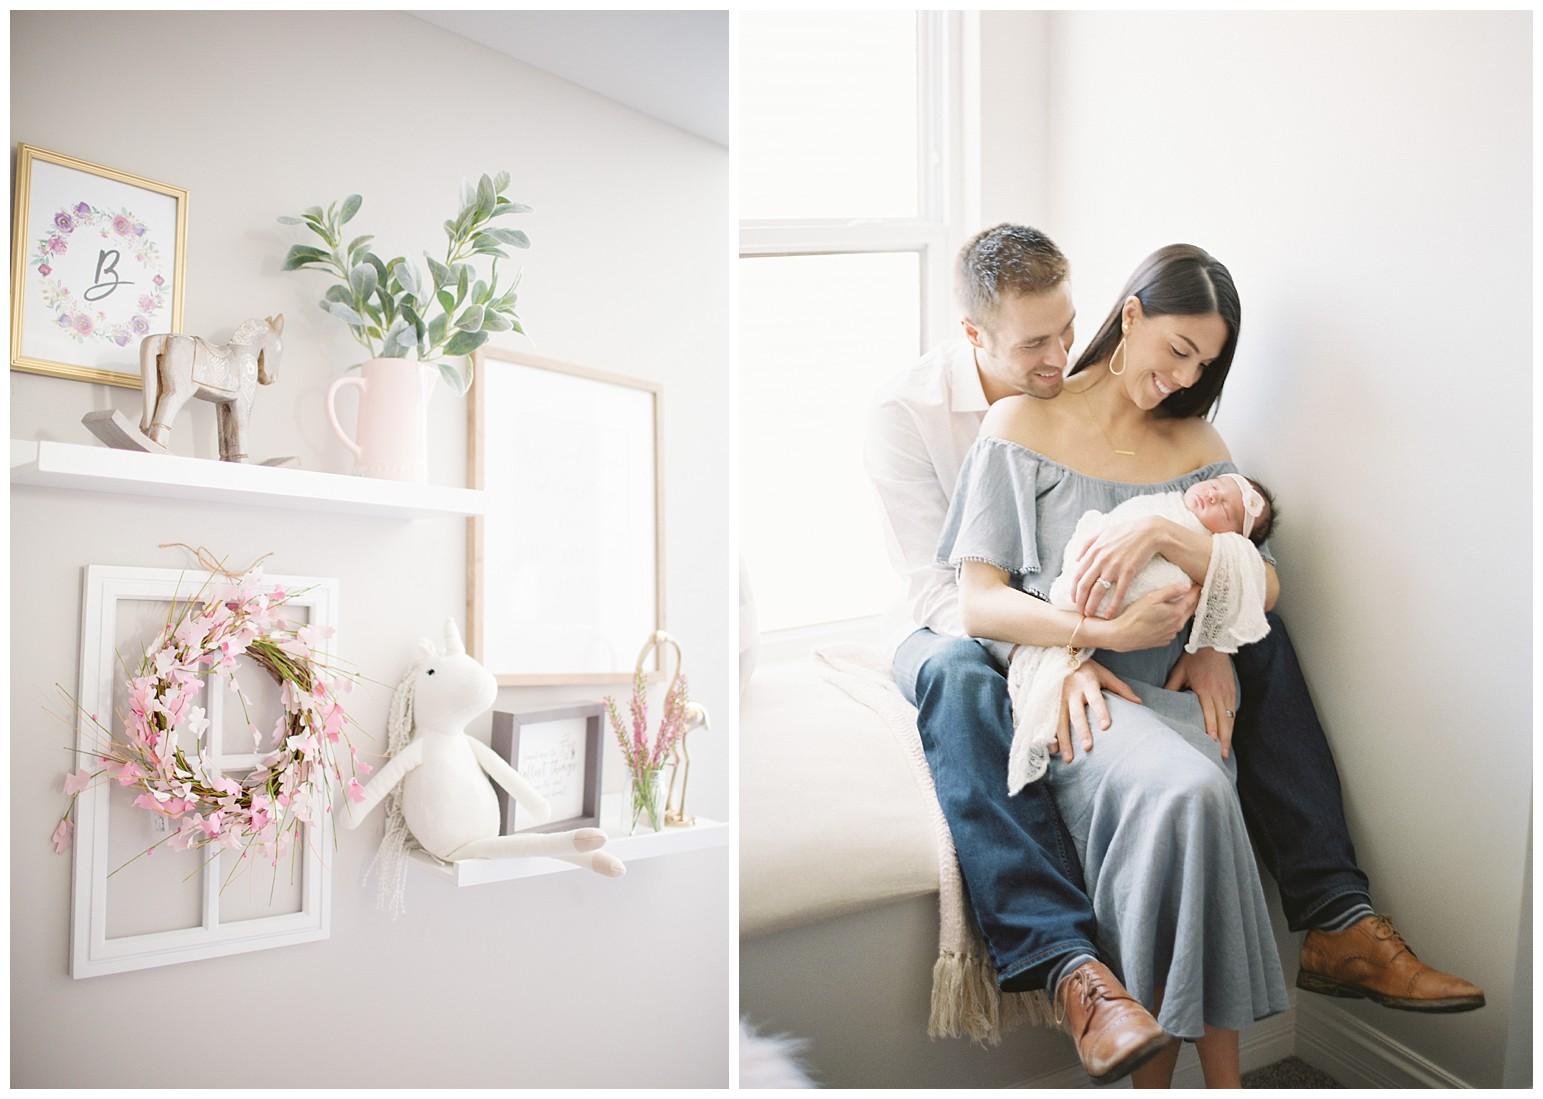 st louis photography_maternity_lauren muckler photography_film_st louis film photographer_0338.jpg